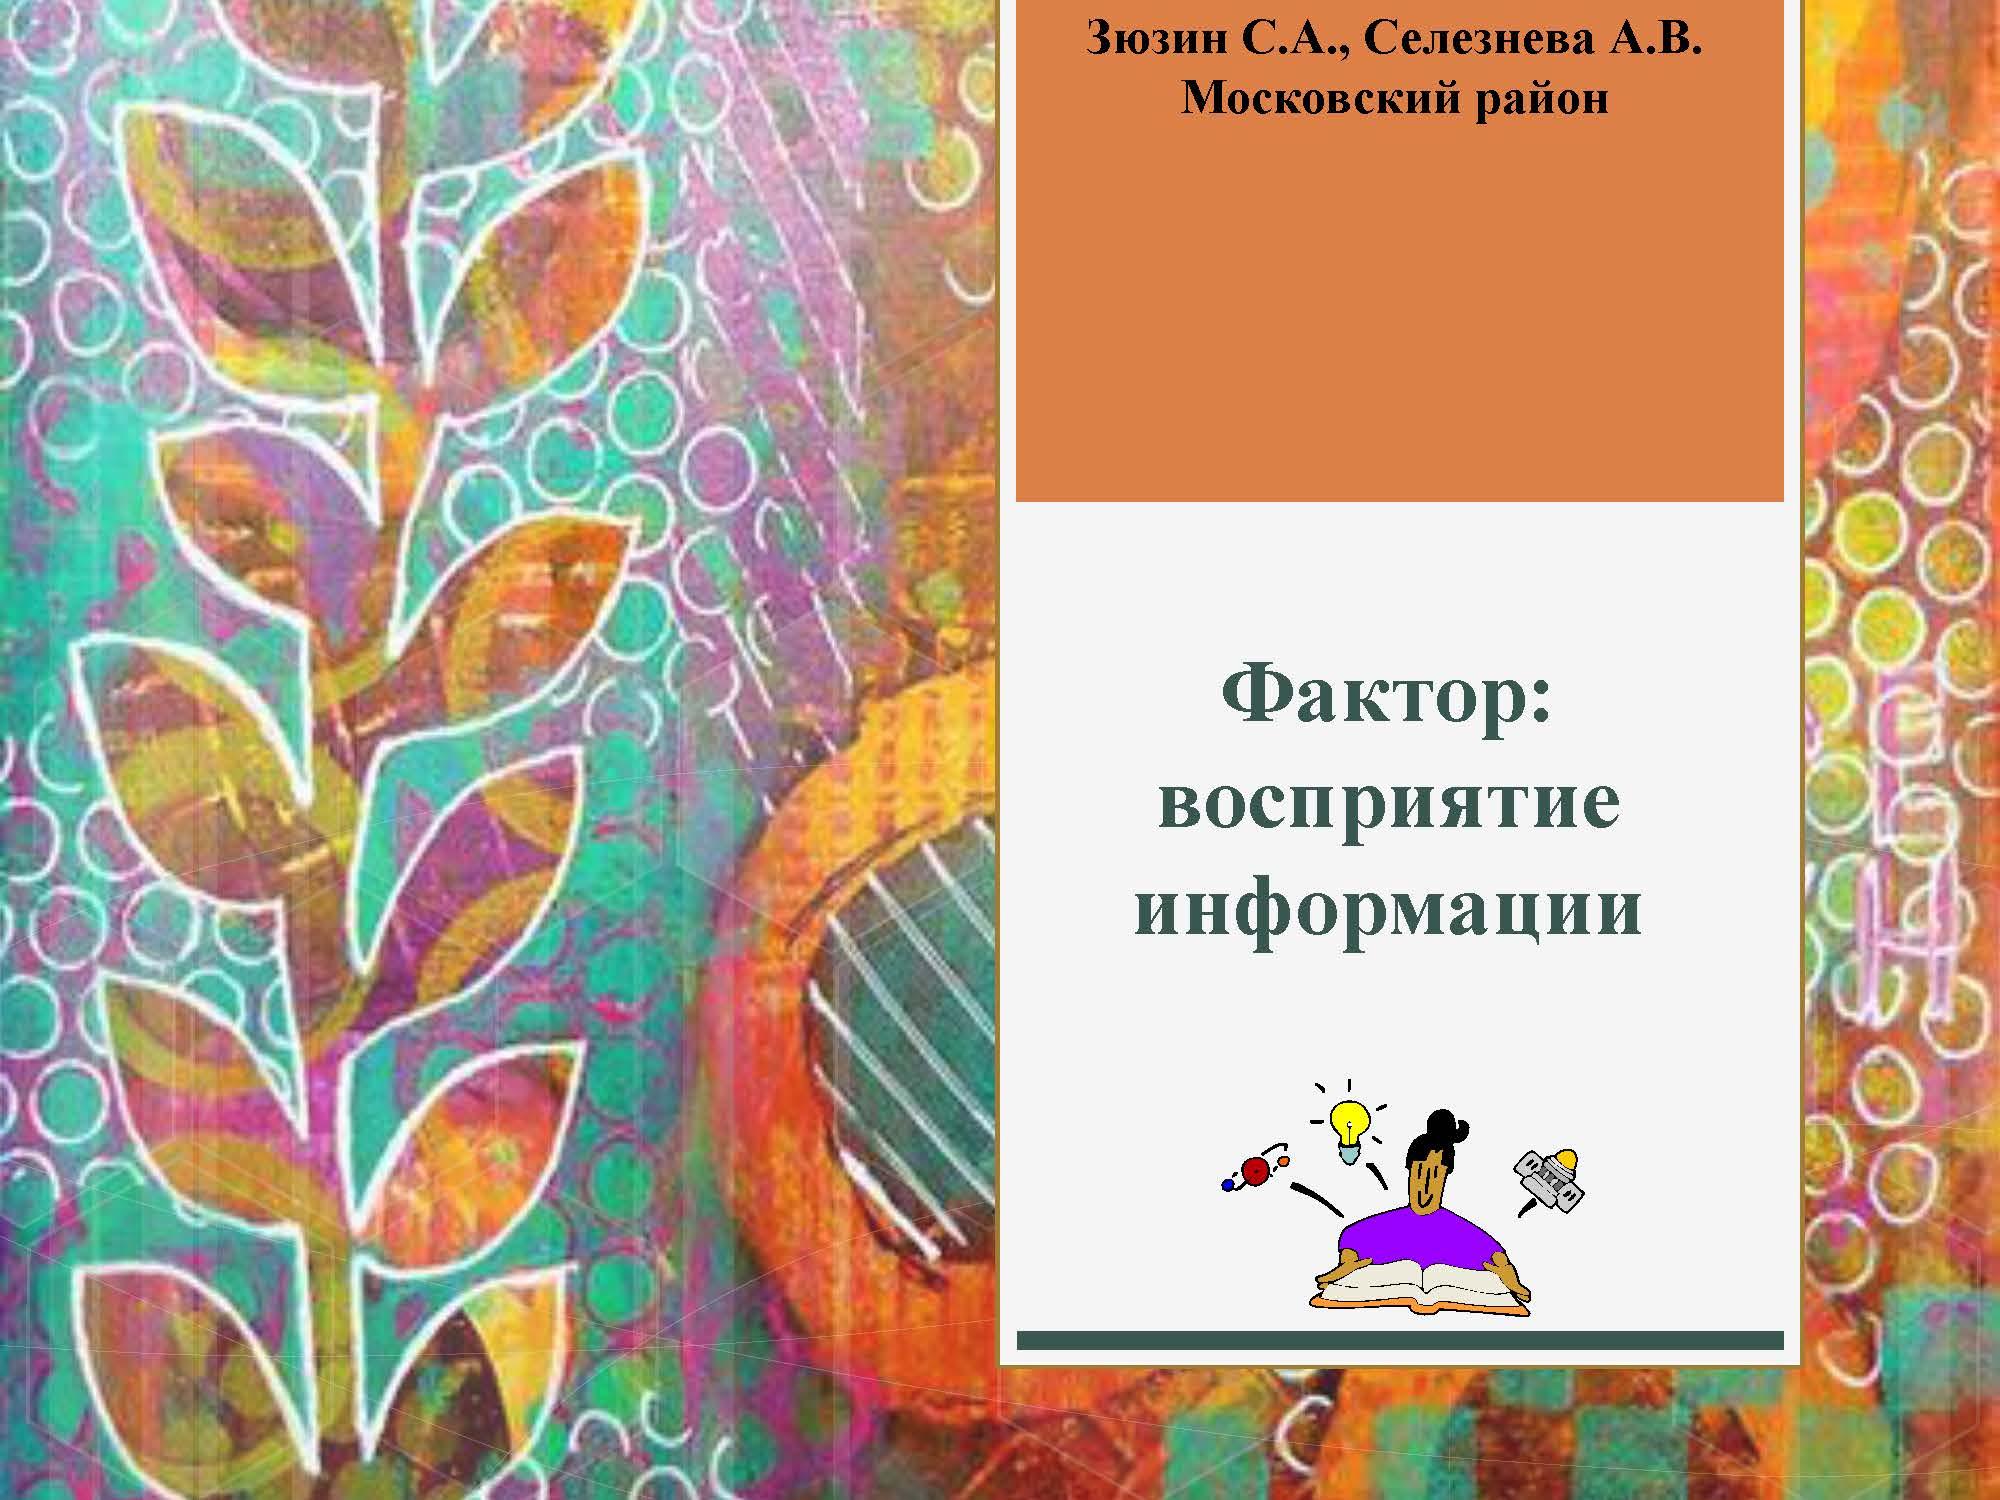 секция 8. ГБОУ 495. Московский район_Страница_14